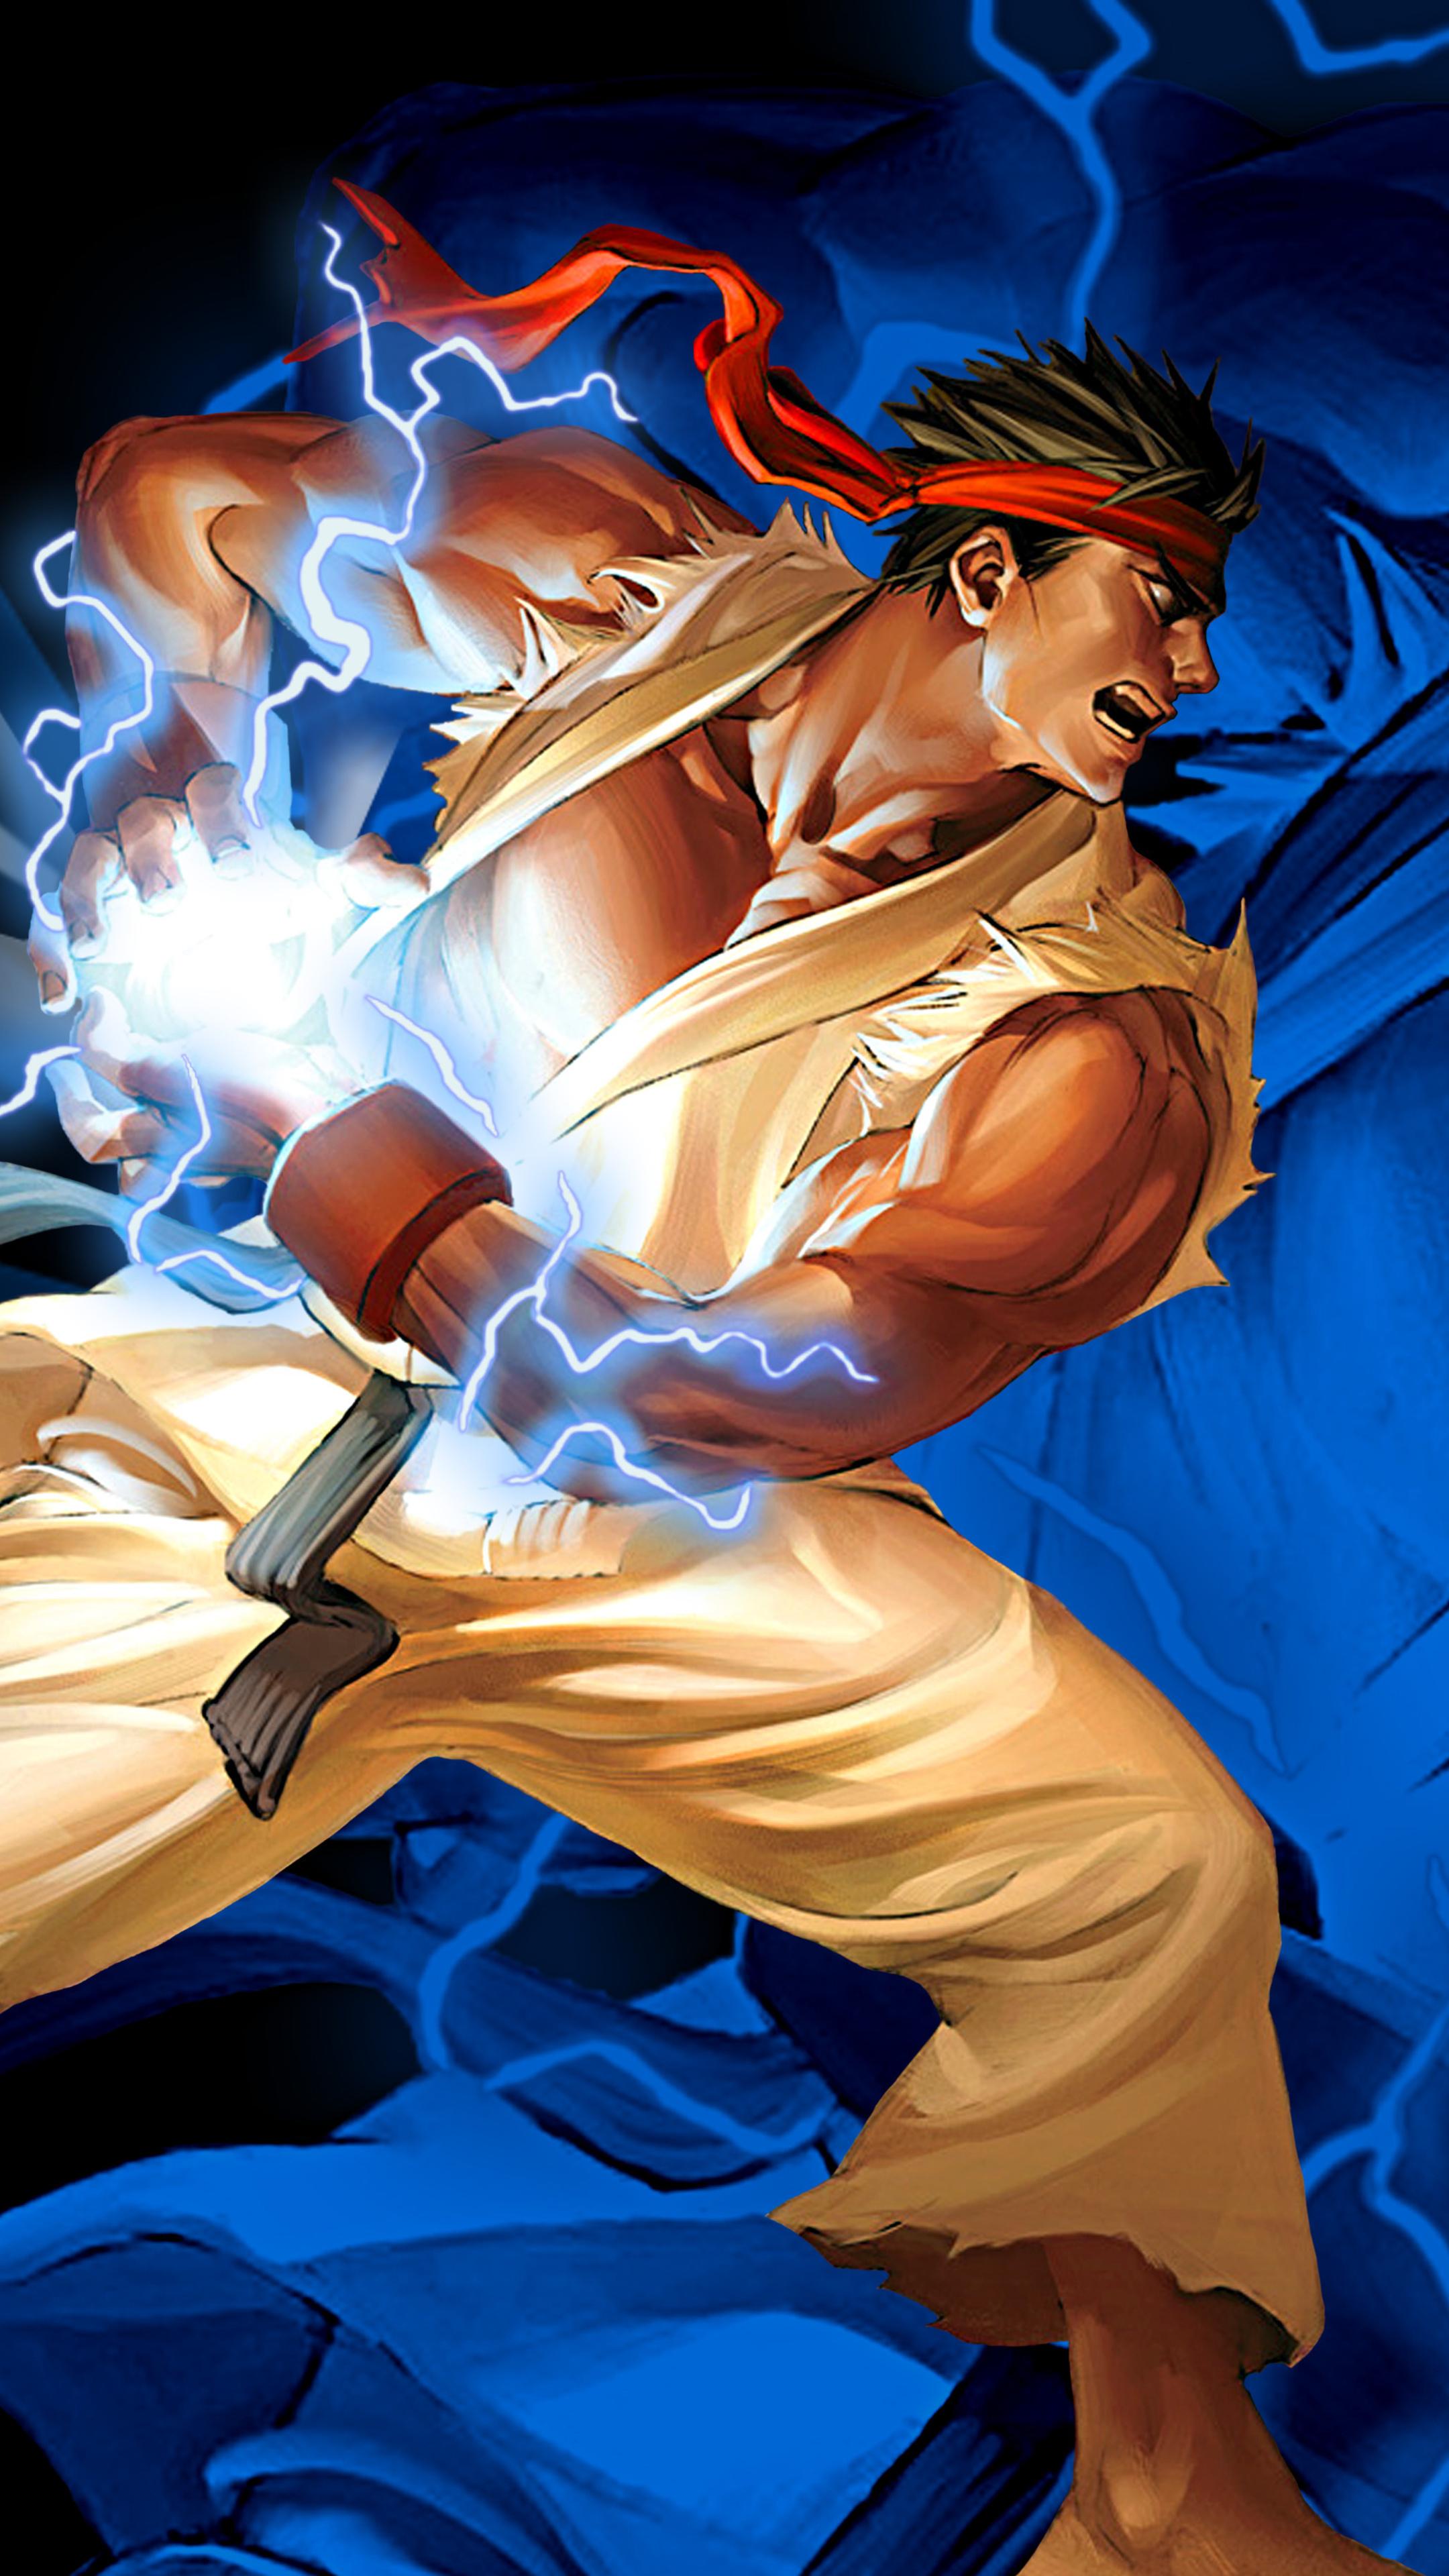 2160x3840 Ryu Hadouken Street Fighter 2 Sony Xperia X Xz Z5